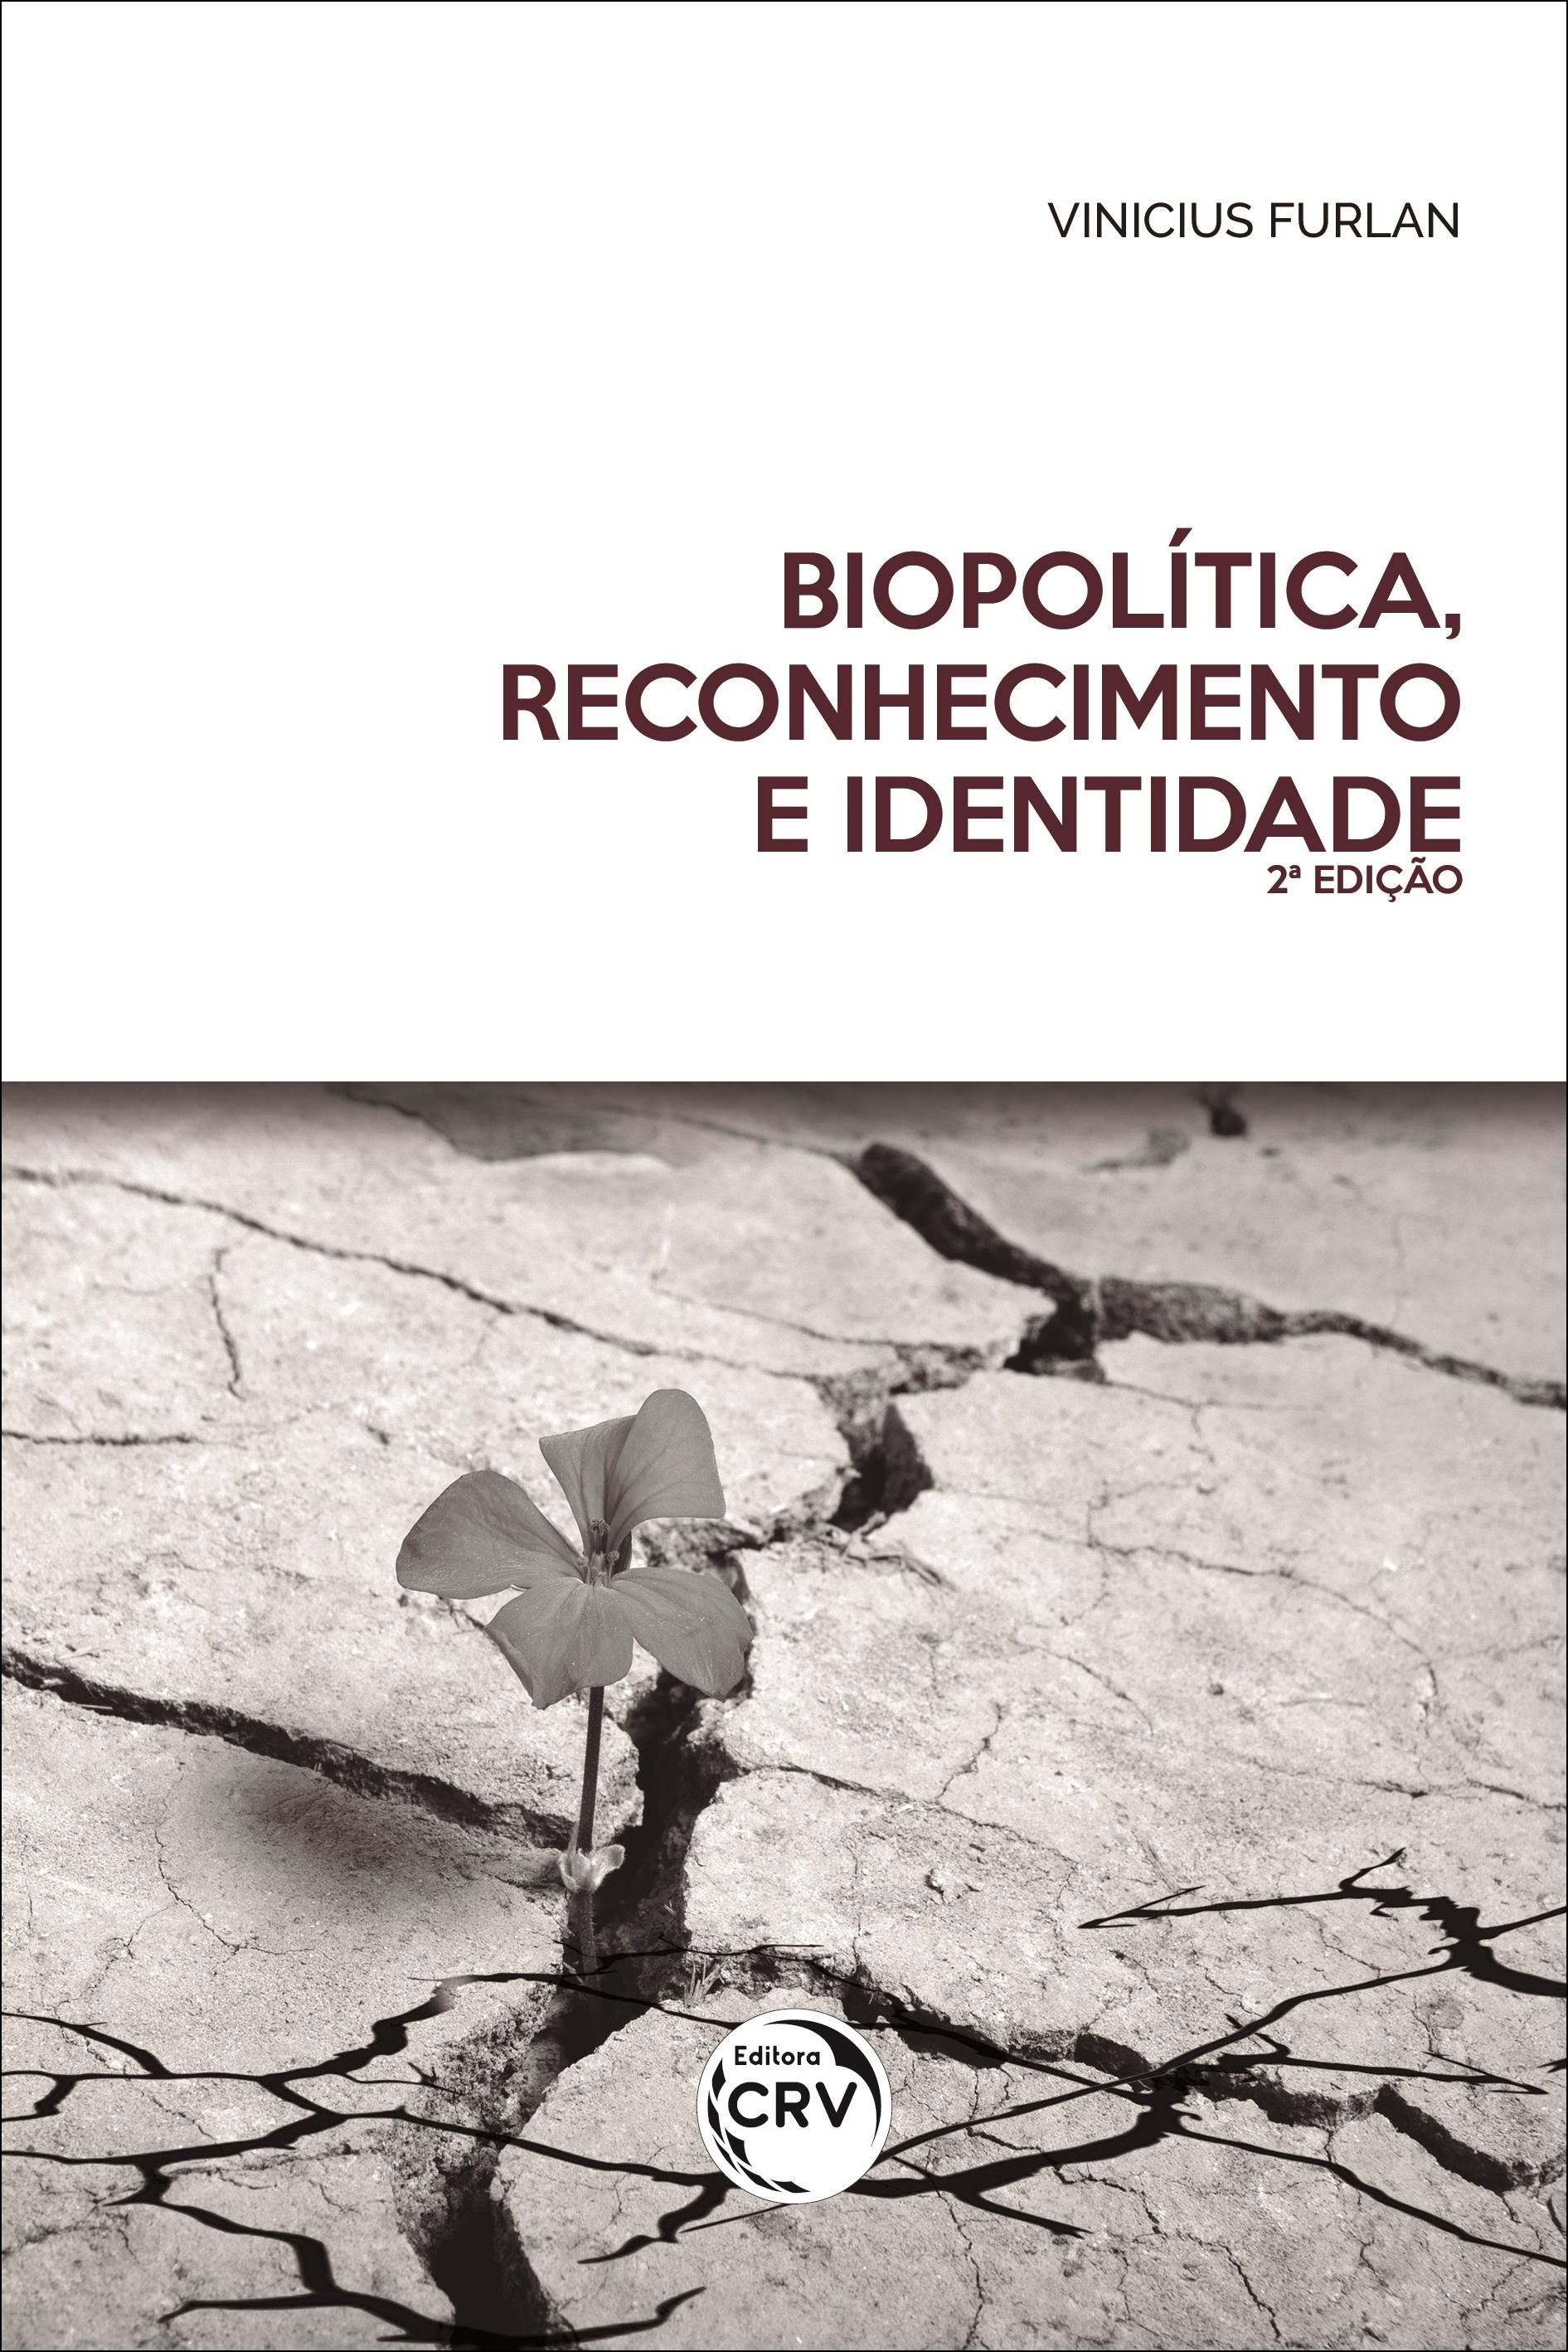 Capa do livro: BIOPOLÍTICA, RECONHECIMENTO E IDENTIDADE